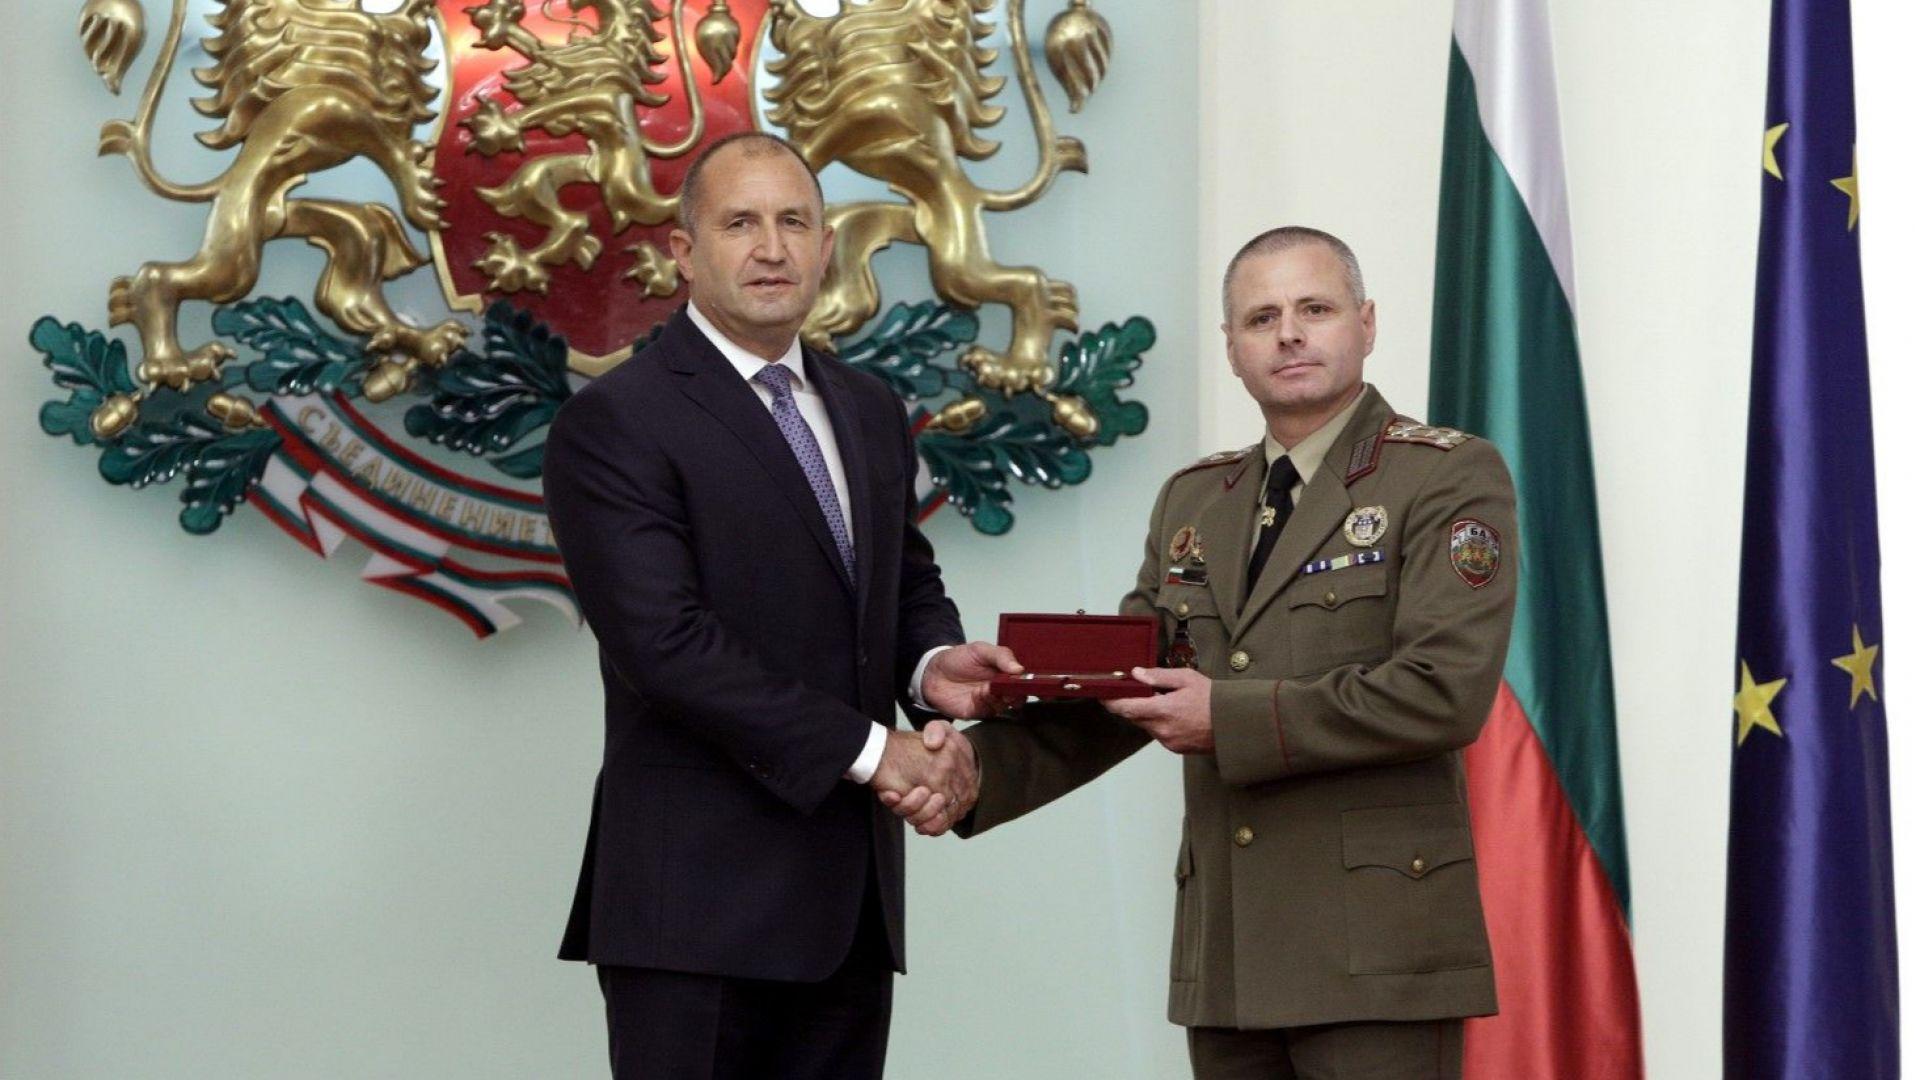 Румен Радев връчва генералските пагони на Стоян Шопов